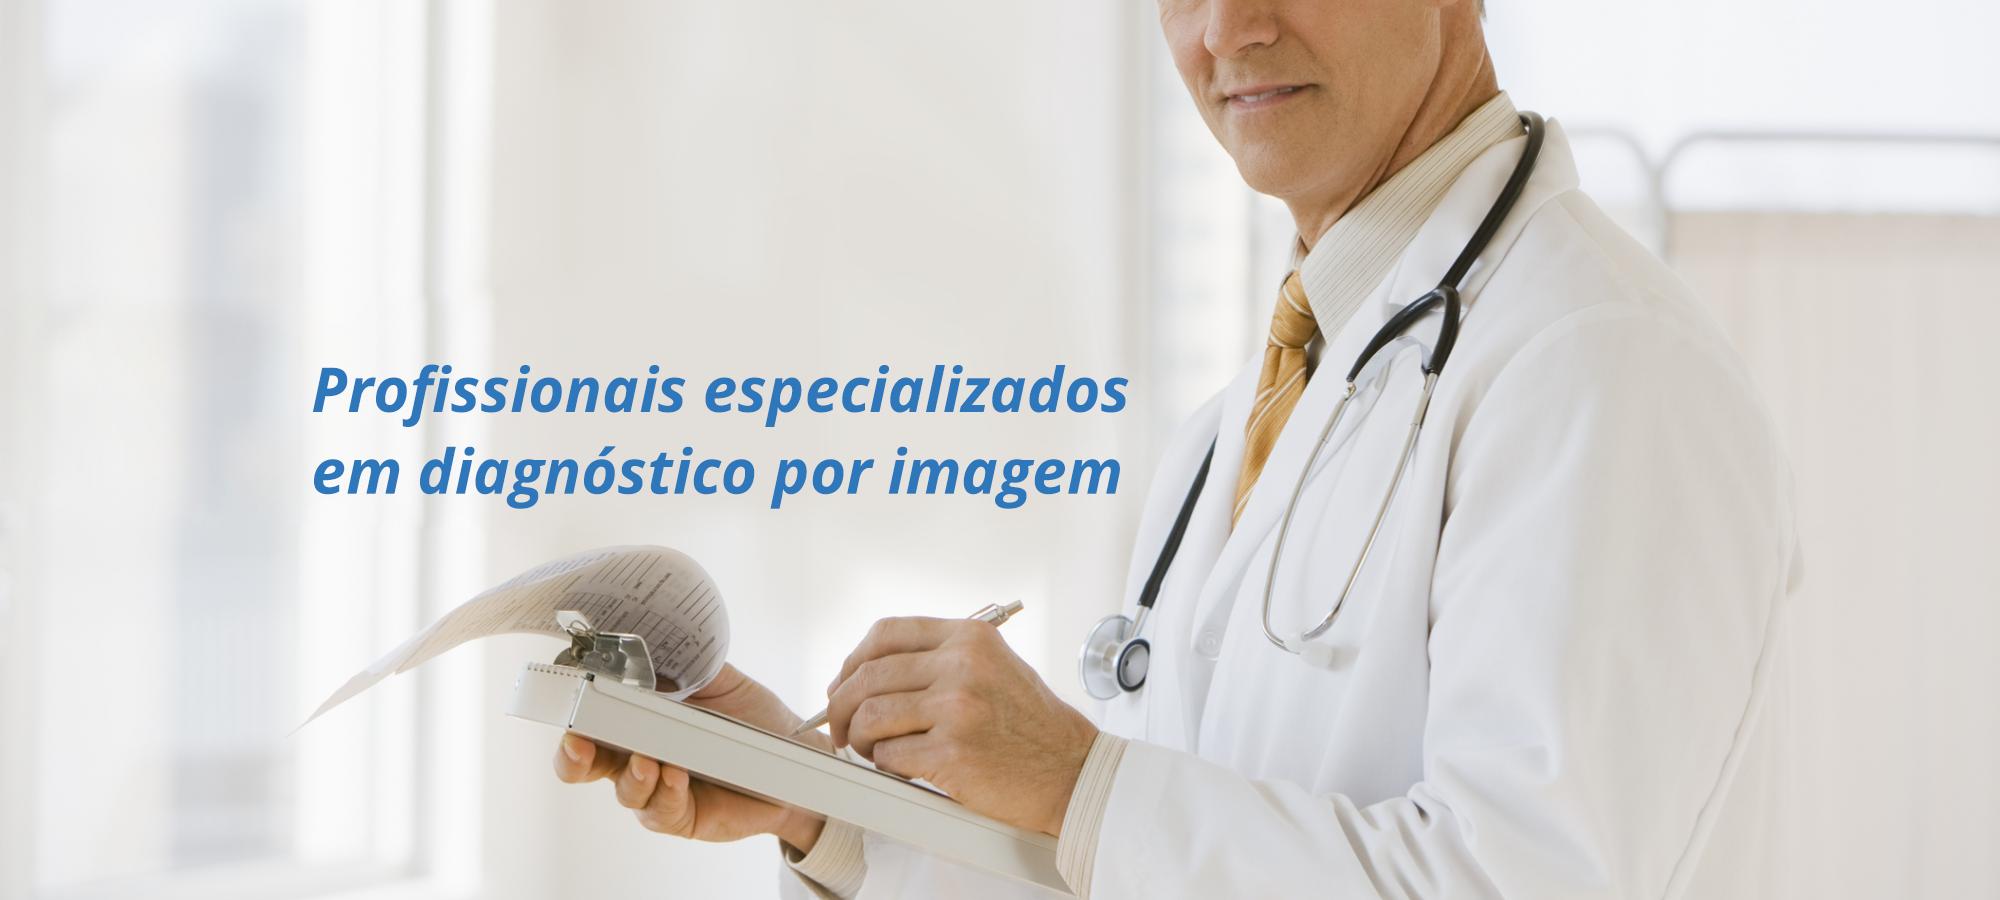 Profissionais especializados no diagnóstico por imagem